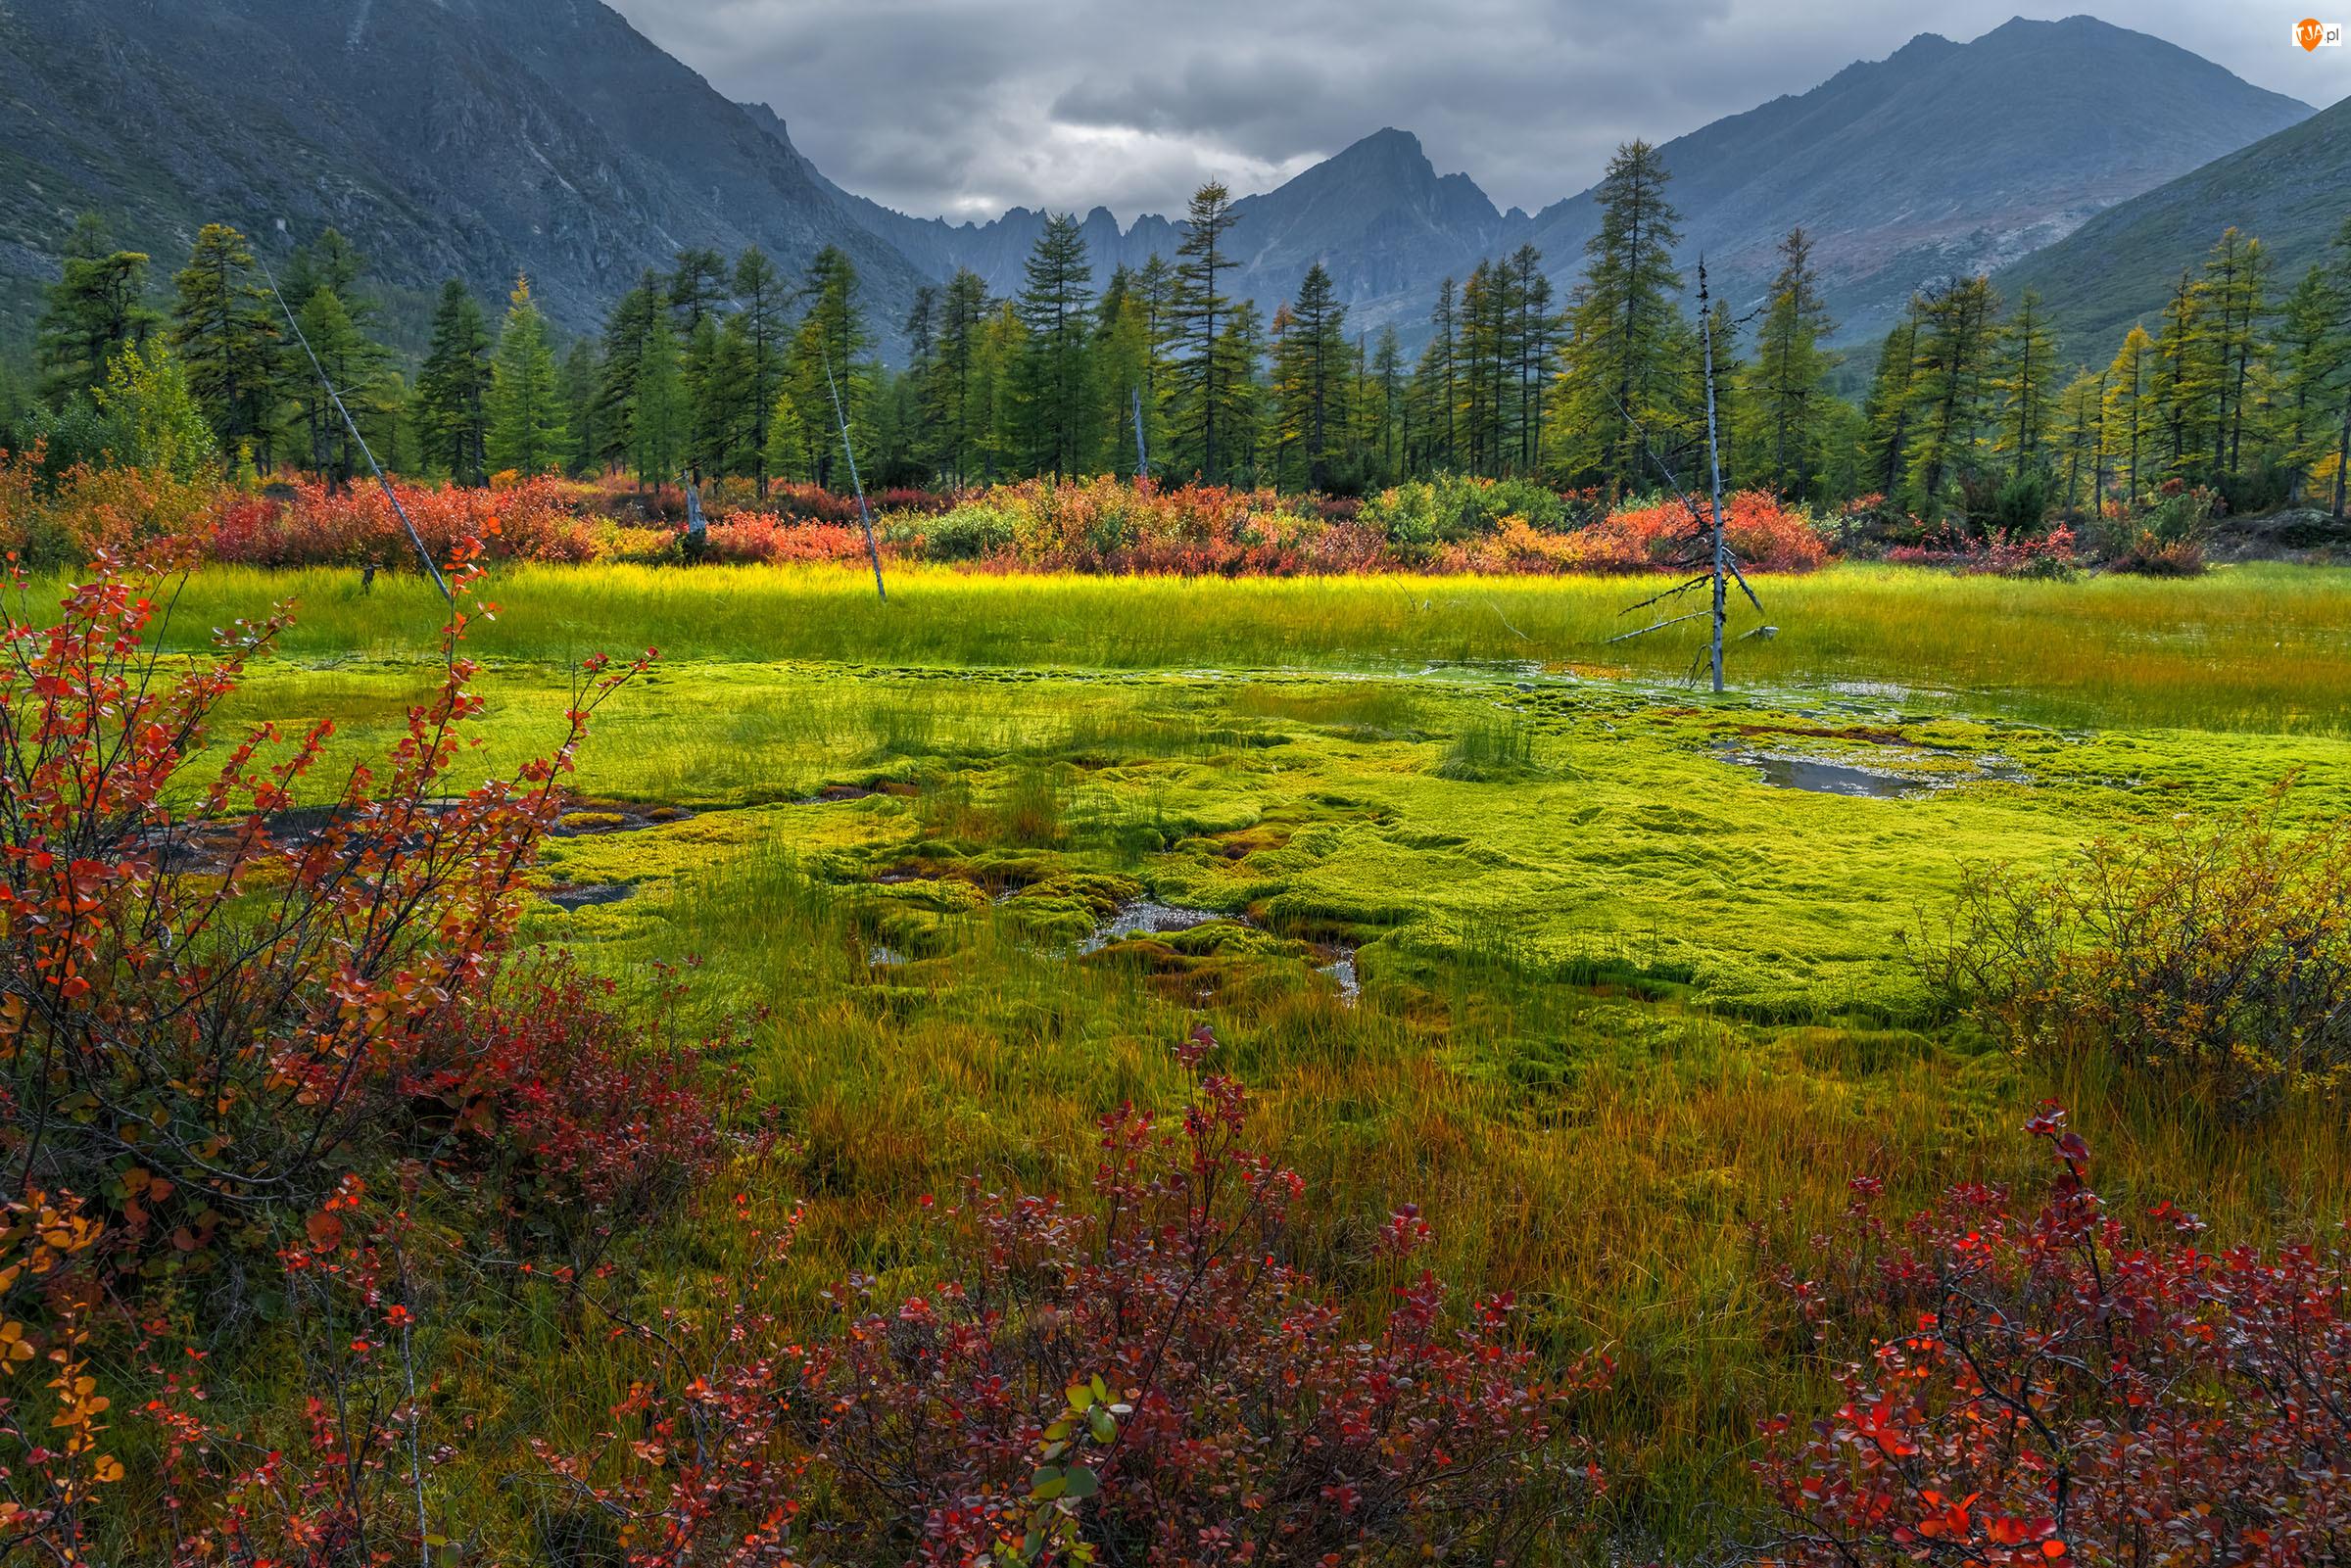 Rosja, Góry Kołymskie, Kołyma, Jezioro Jacka Londona, Chmury, Drzewa, Zarośnięty, Rośliny, Brzeg, Magadan